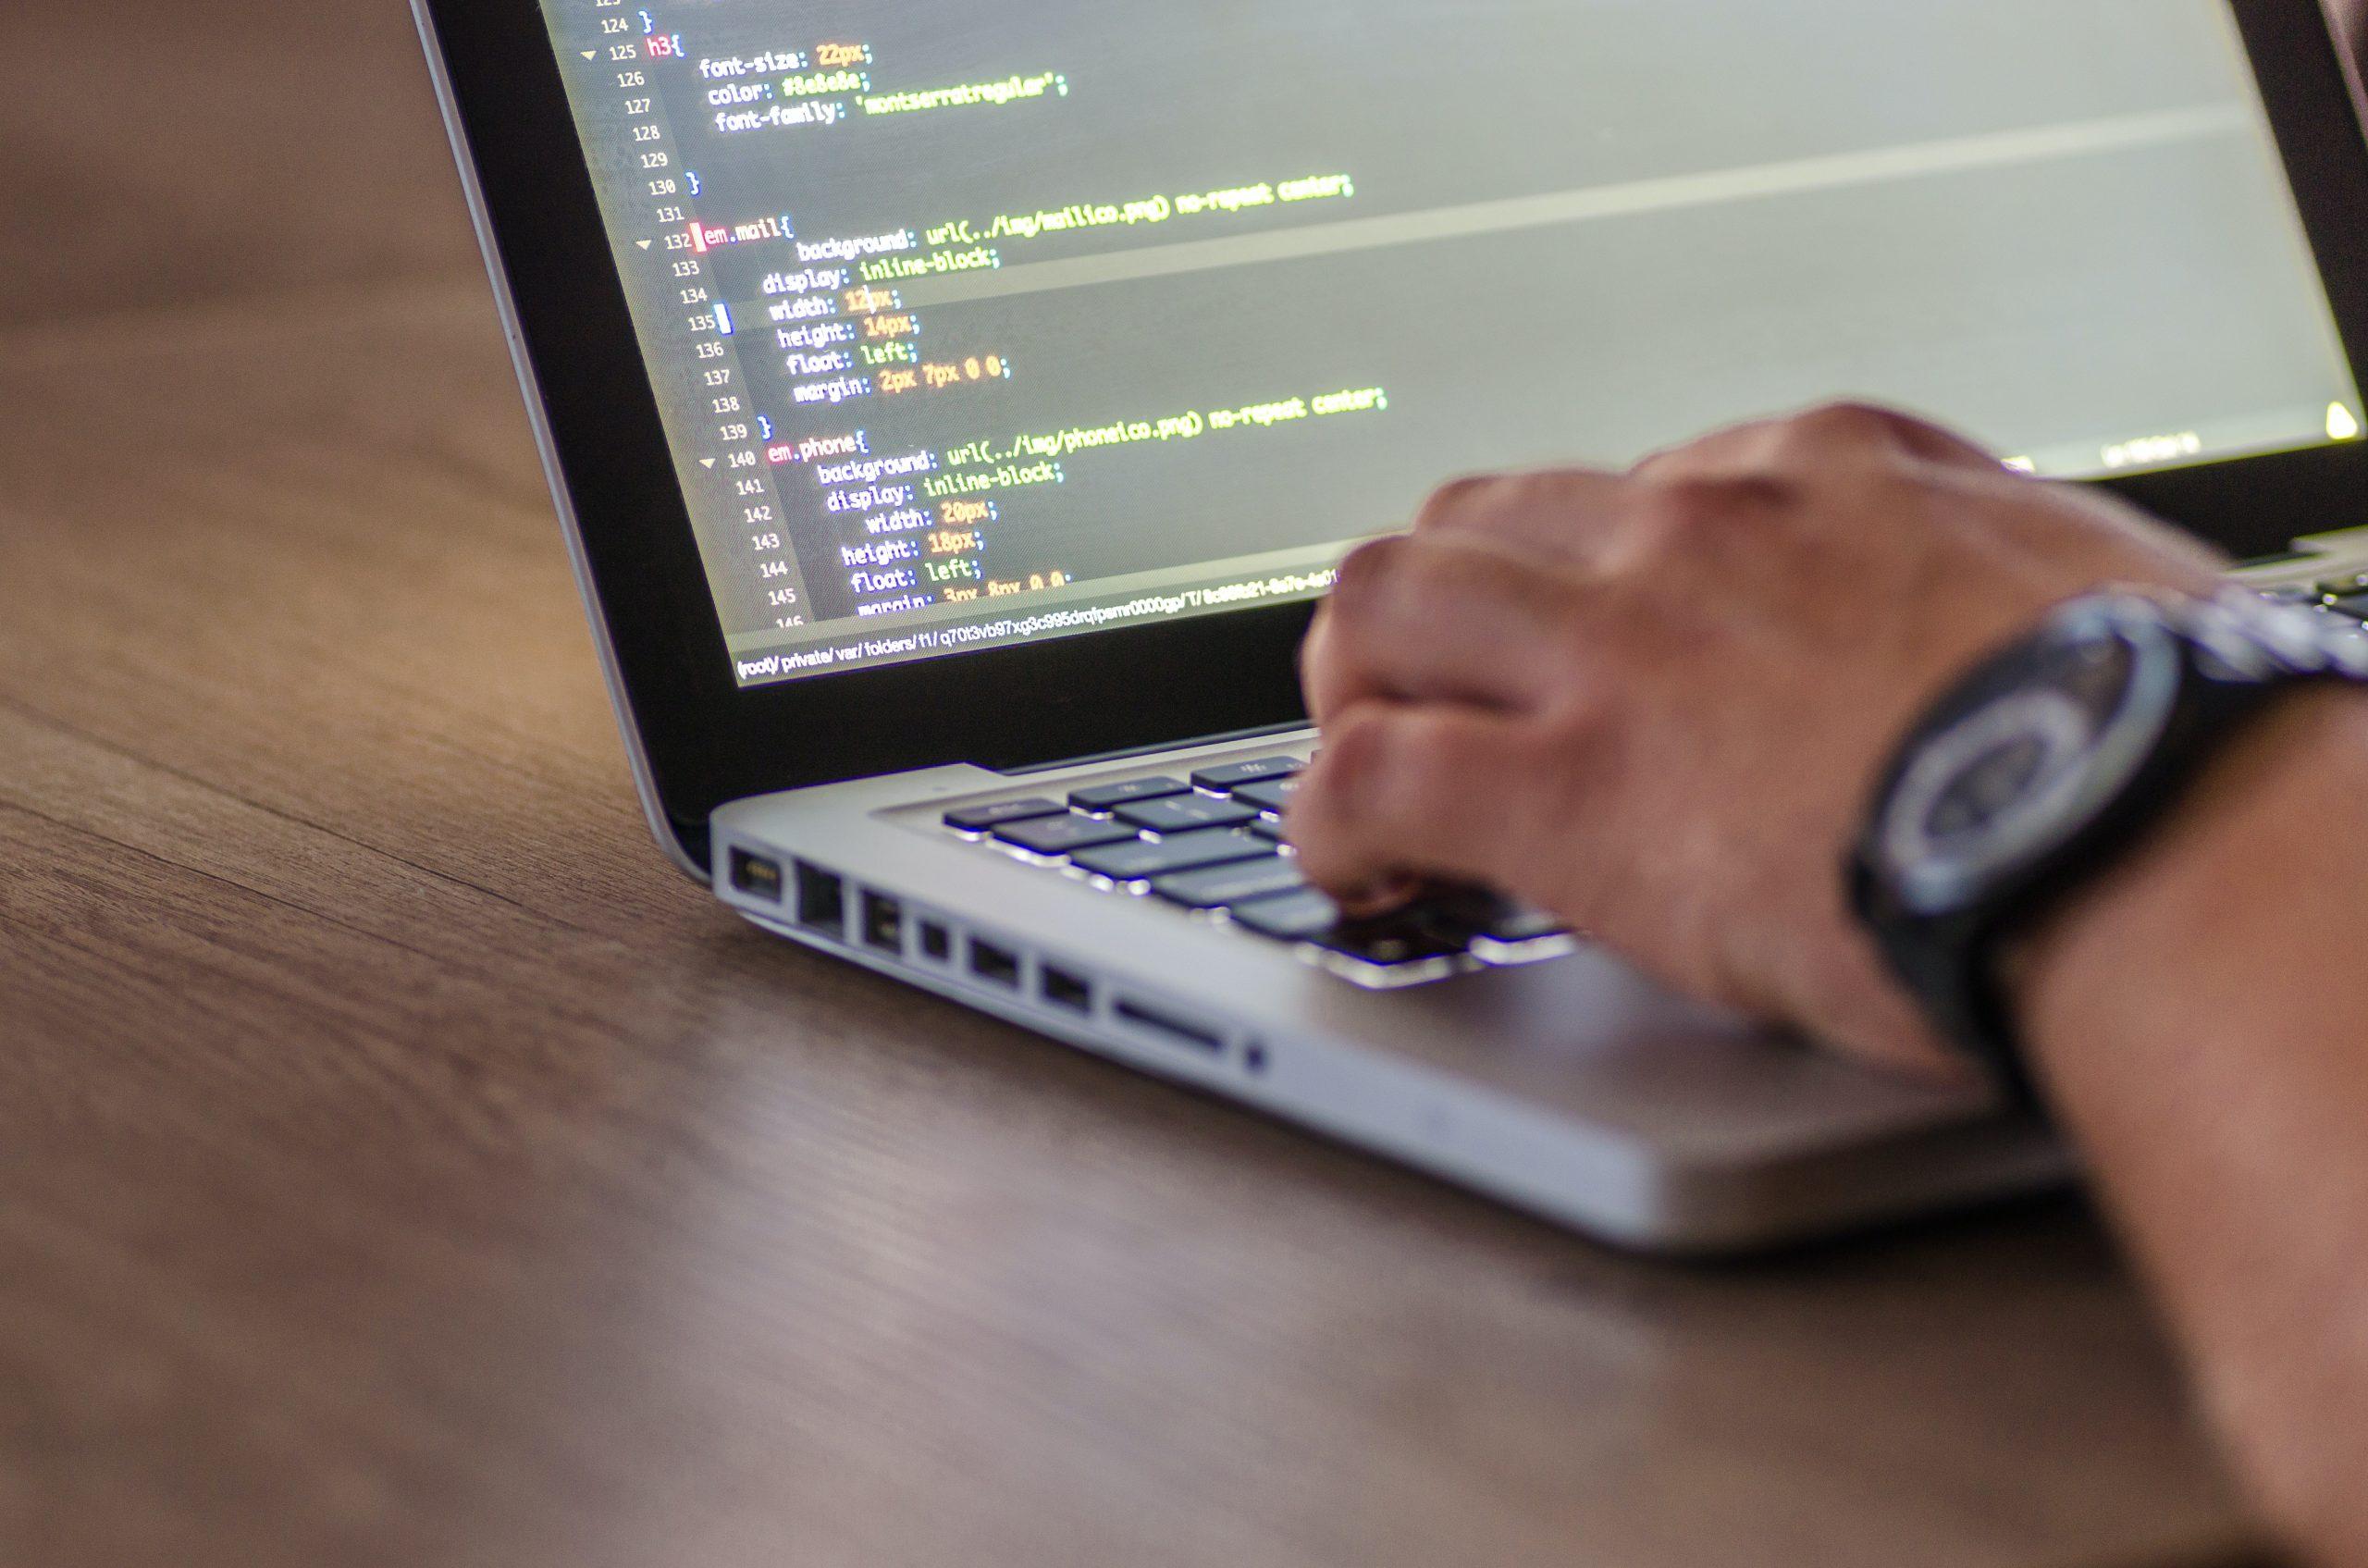 Programmer coding an app